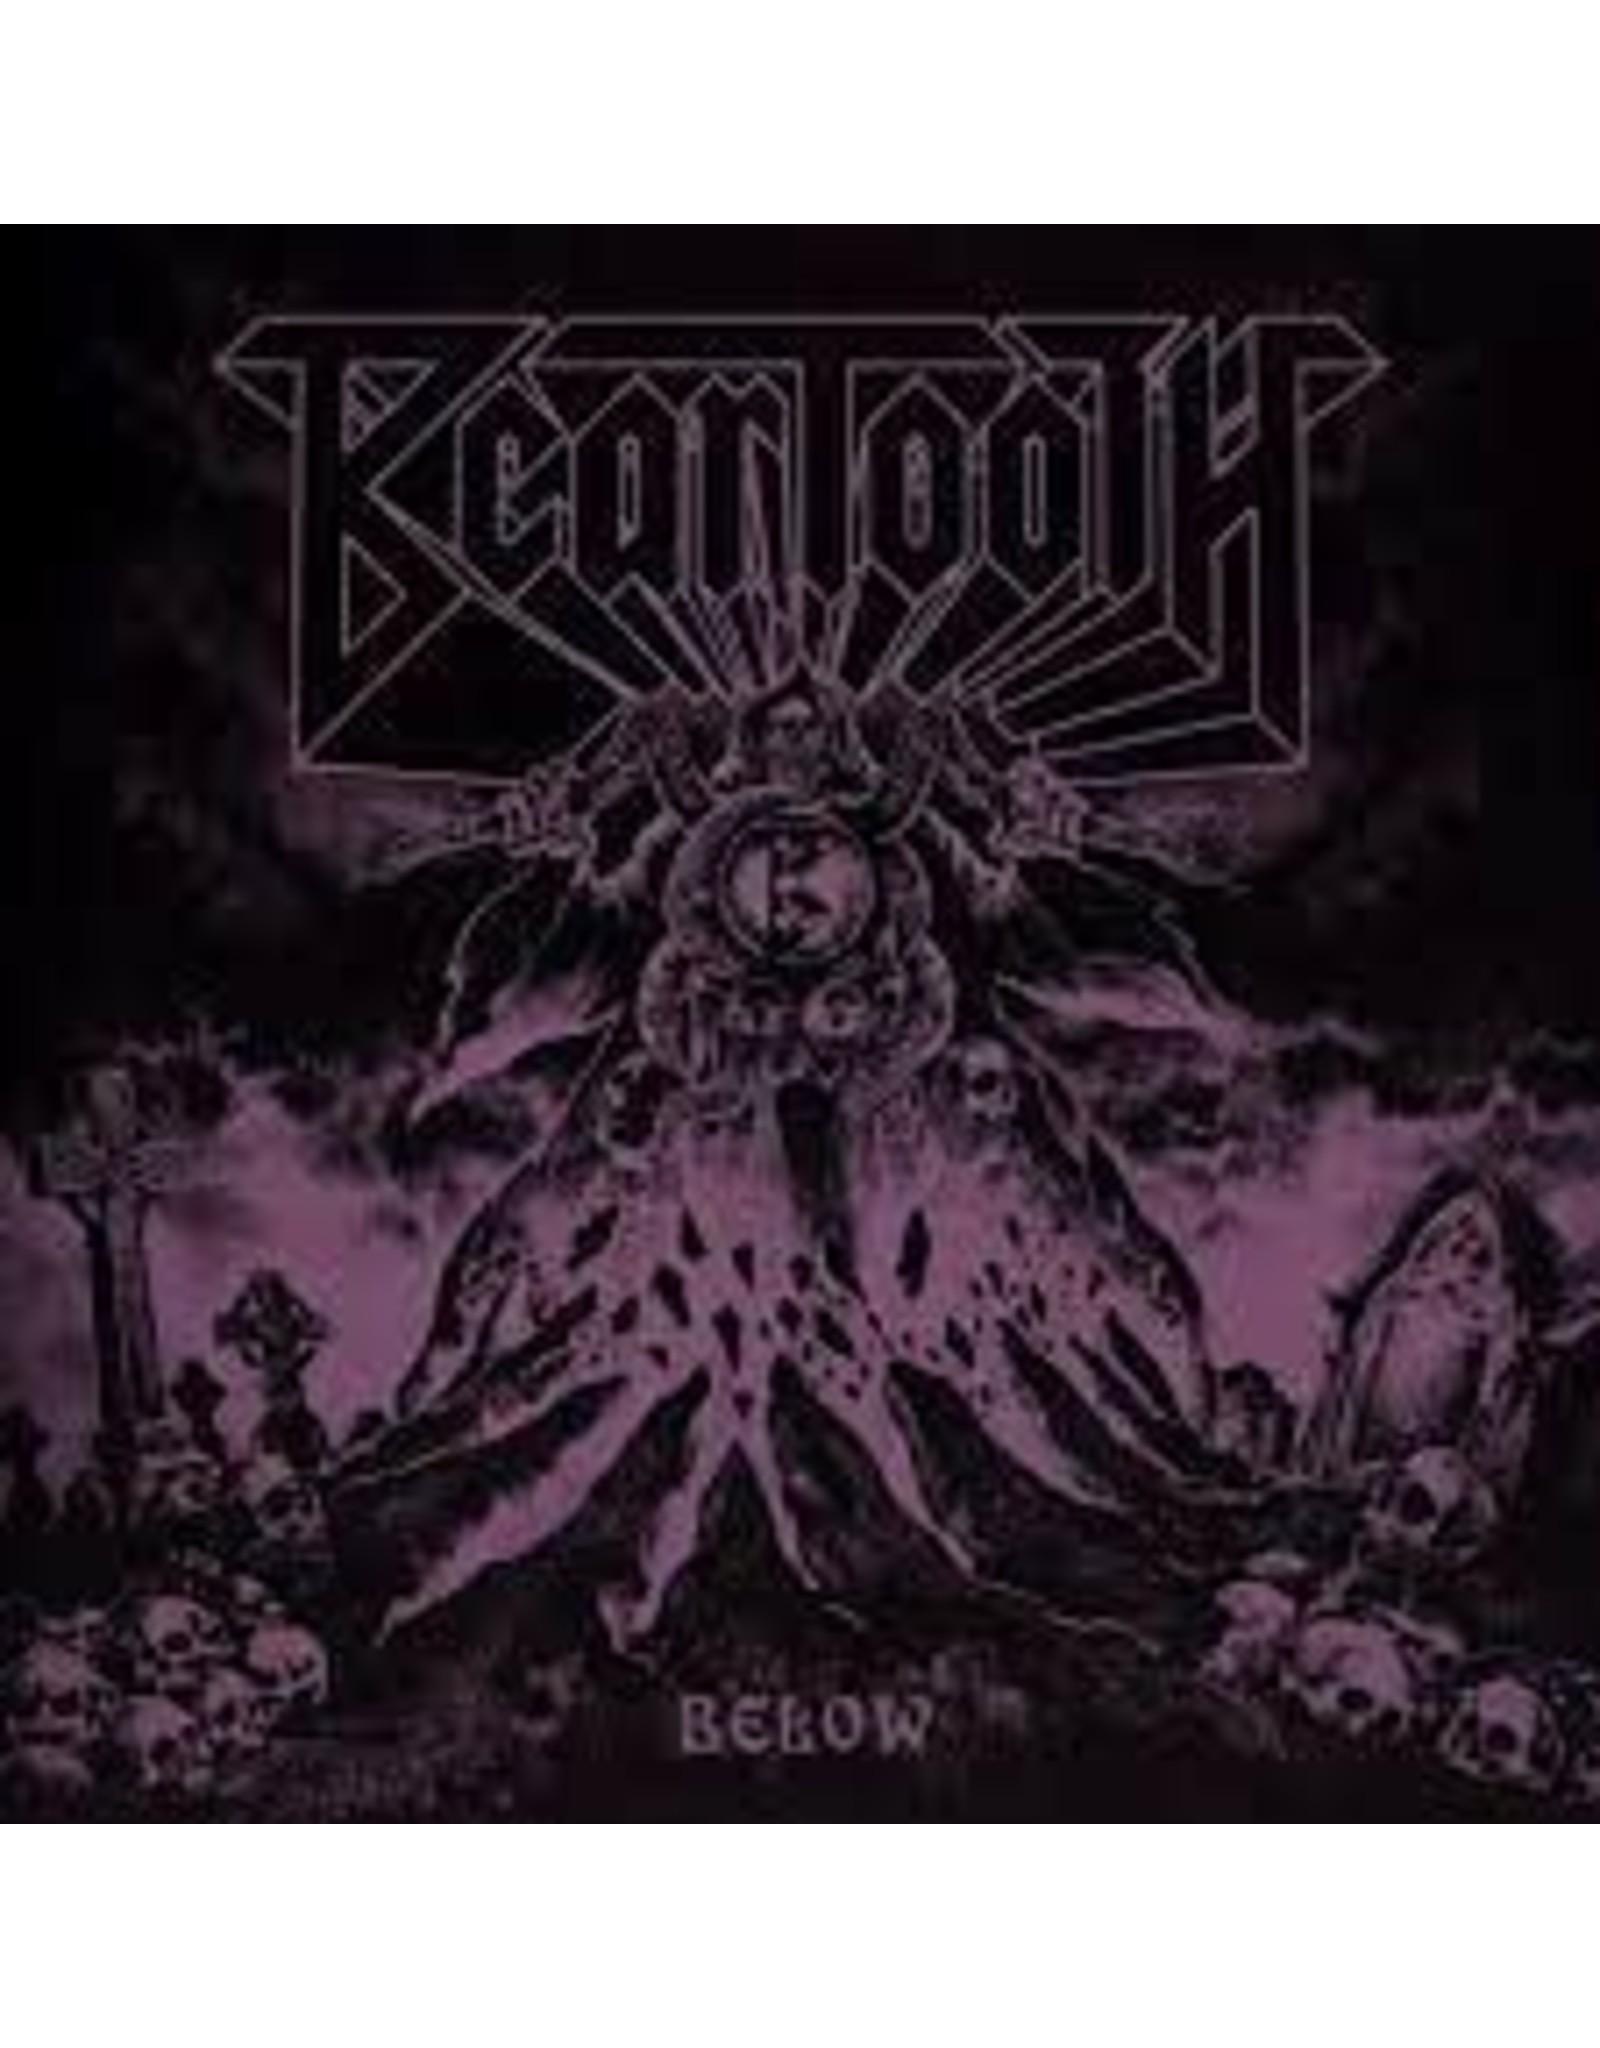 Beartooth - Below LP (Cloudy Purple w Grey)